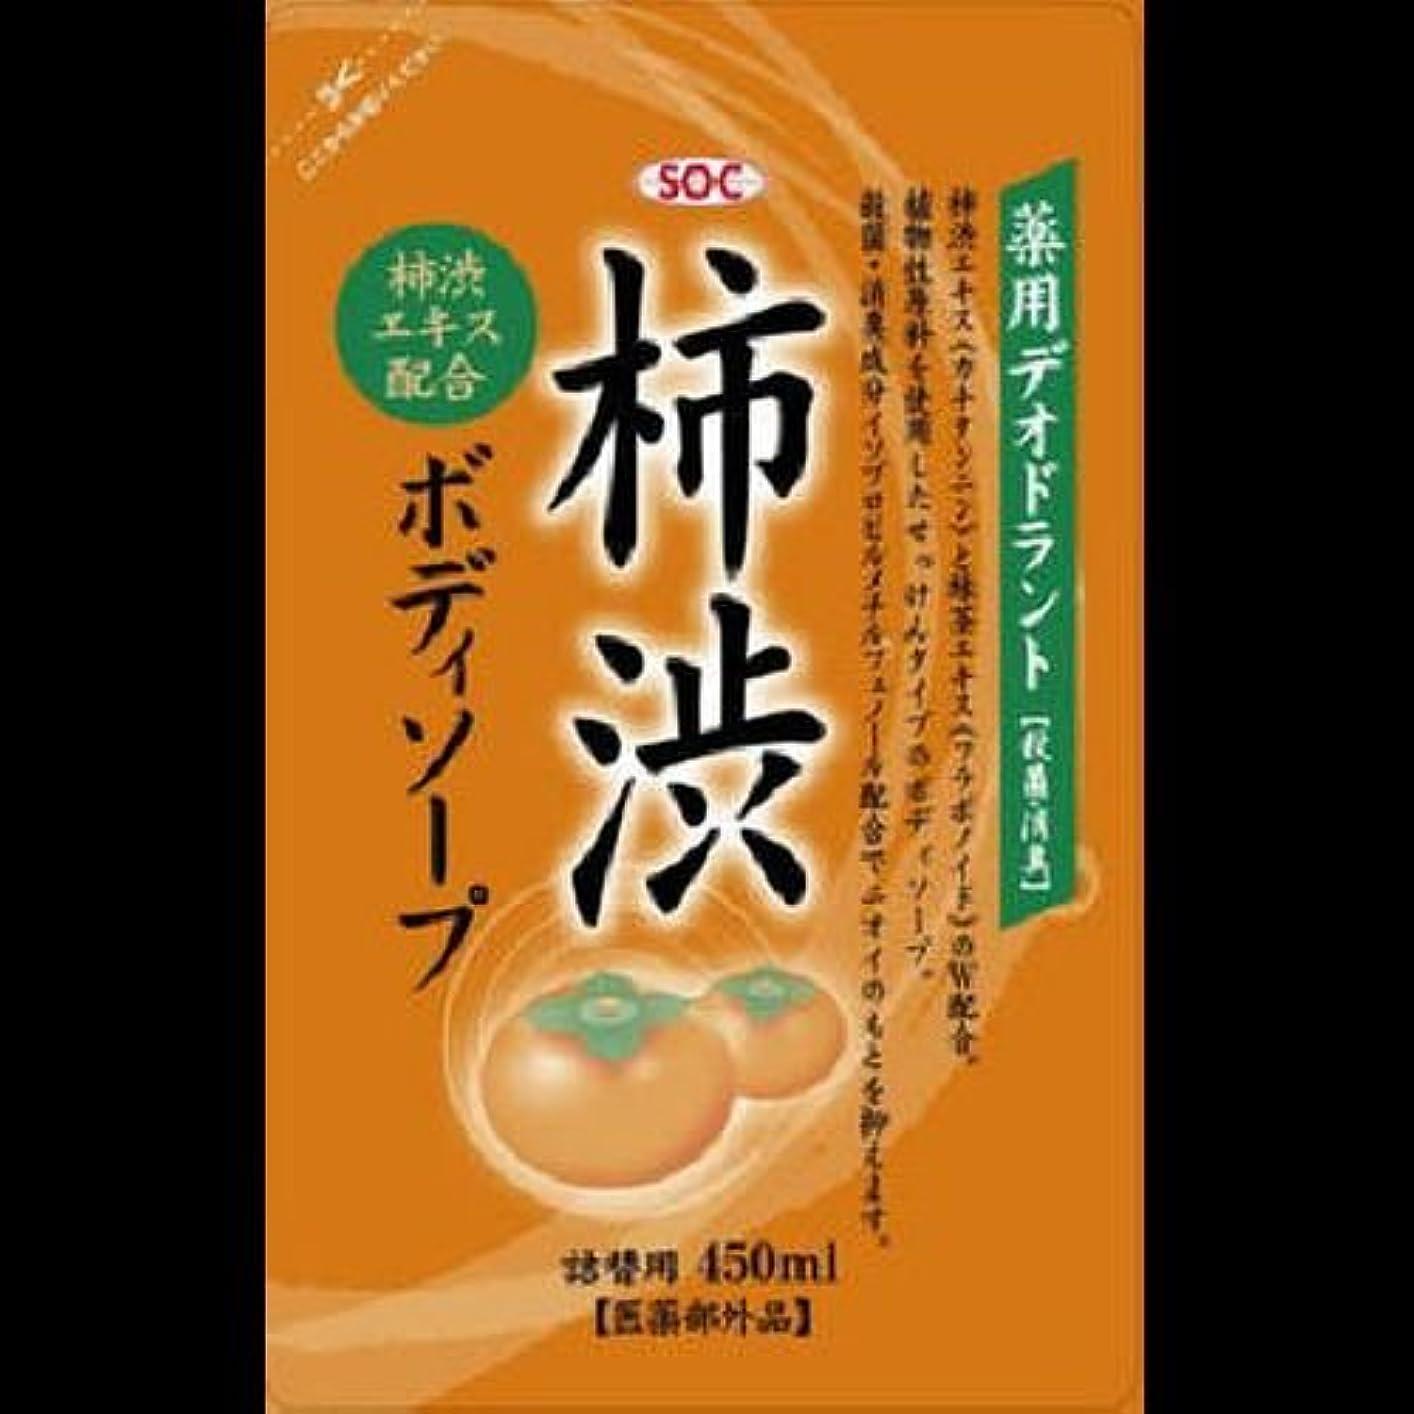 スーパーマーケット鉱夫特権的SOC 薬用柿渋ボディソープ 詰替 450ml ×2セット